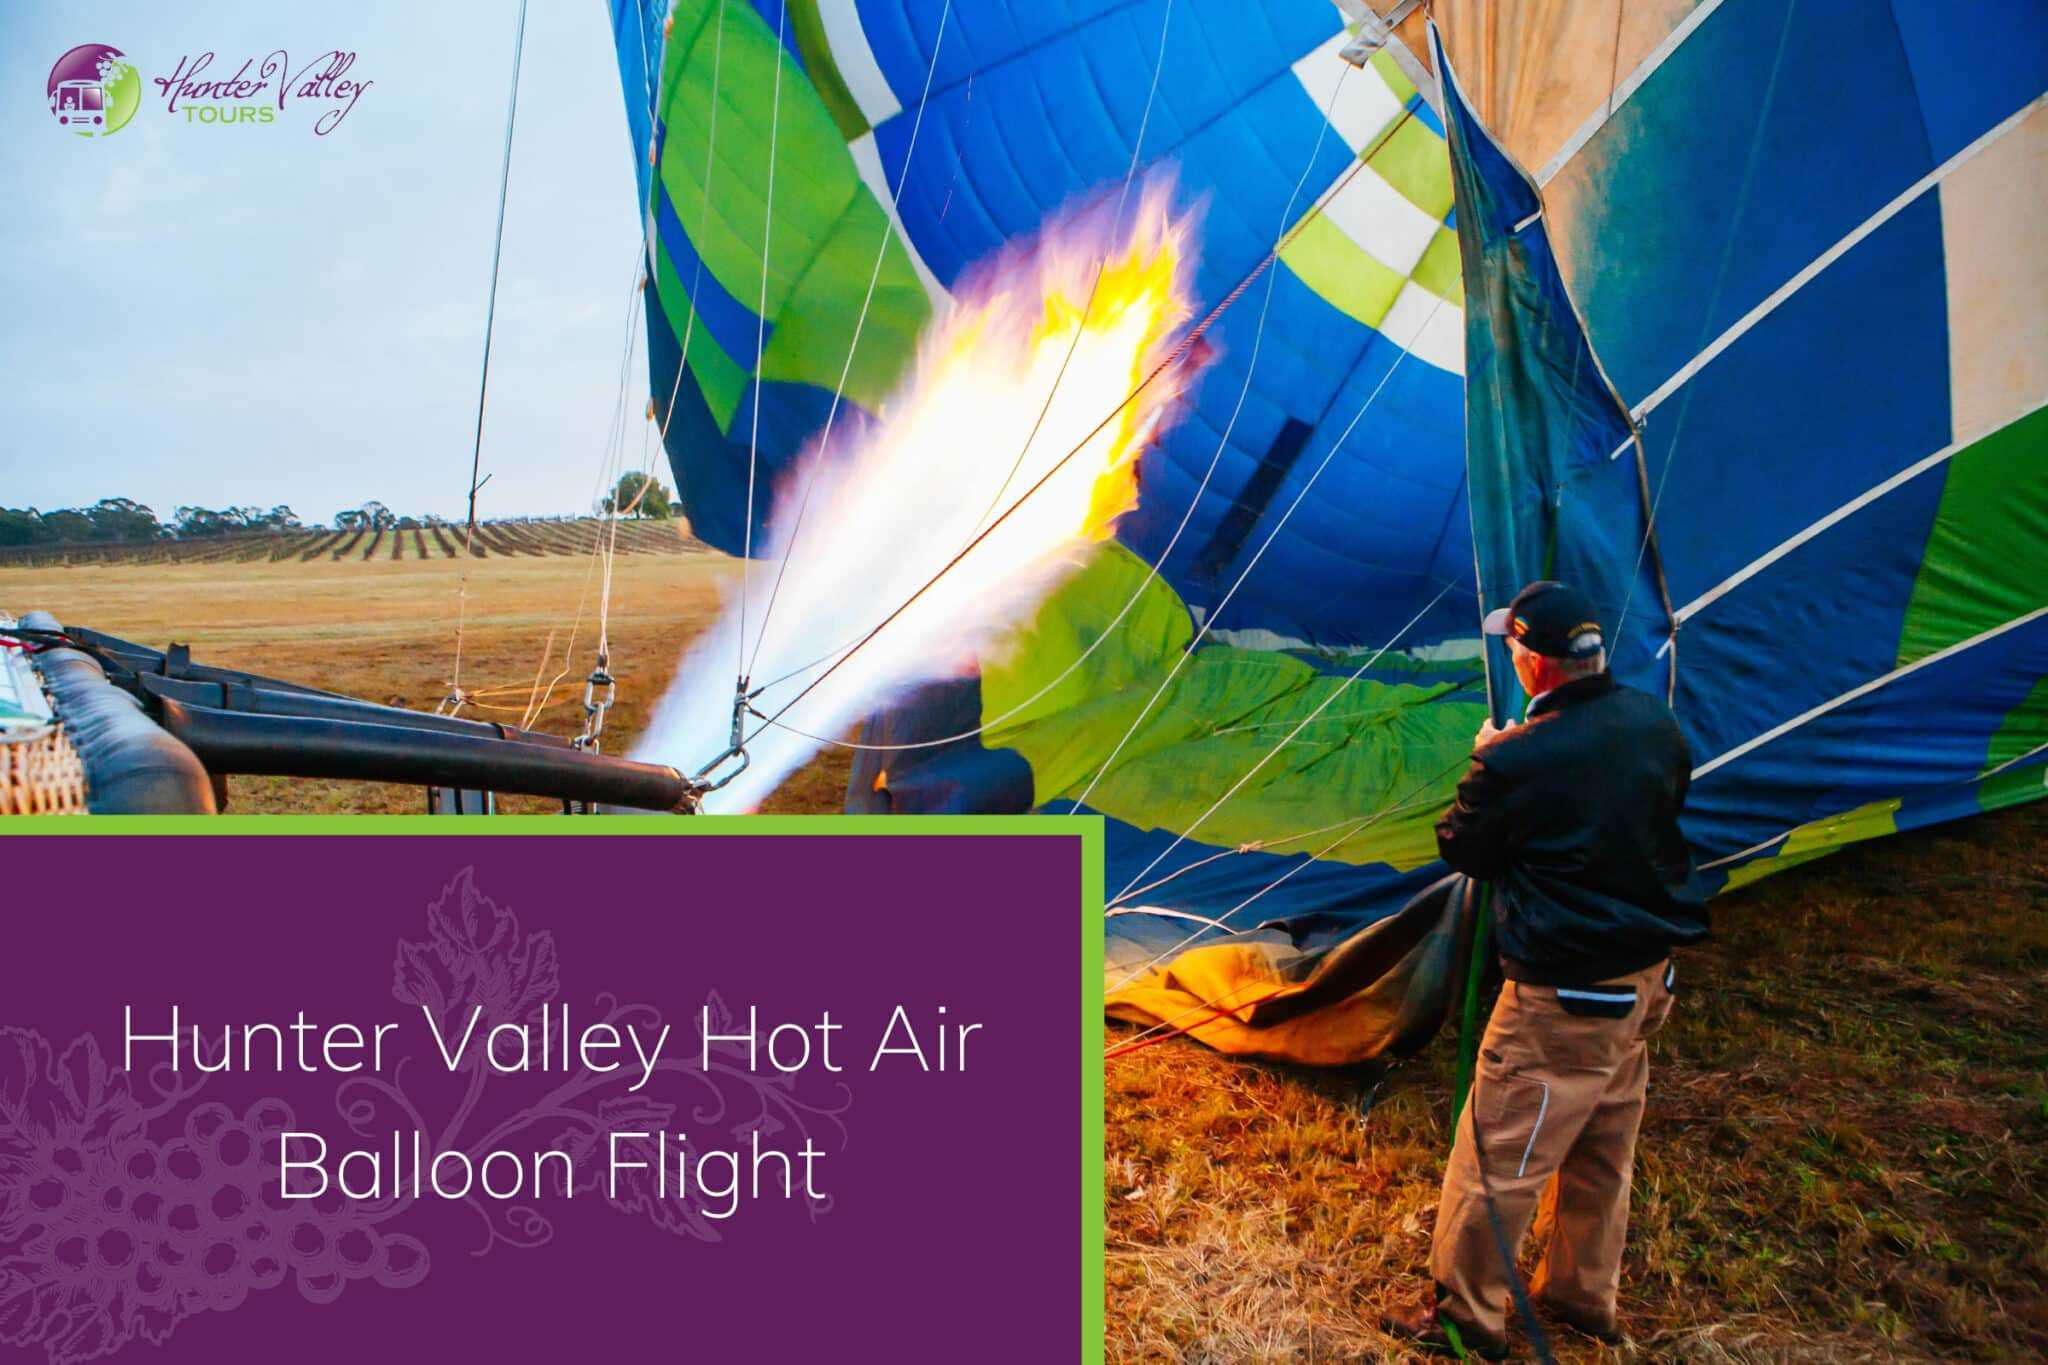 Hunter Valley Hot Air Balloon Flight